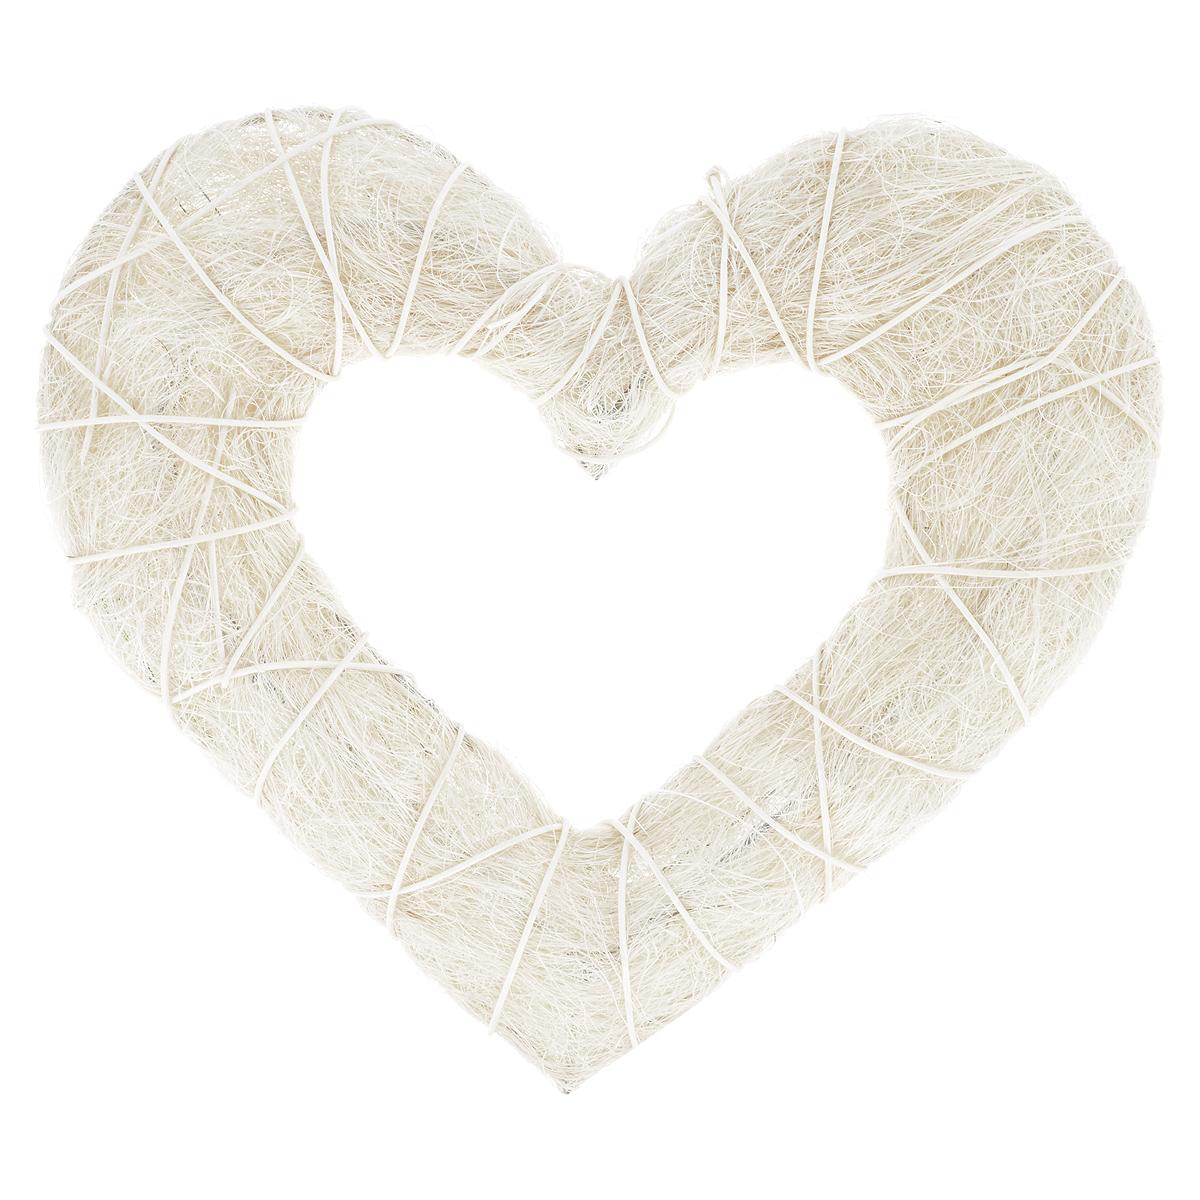 Венок декоративный ScrapBerrys Сердце, сизаль, 30 см х 28 смSCB370213Декоративный венок ScrapBerrys Сердце имеет прочный металлический каркас, оформленный сизалем. Служит в качестве заготовки для дальнейшего декорирования, для этого могут использоваться ленты, цветы, различные декоративные элементы и даже настоящие фрукты и ягоды. Венок можно оформить любыми декоративными элементами, в соответствии с темой праздника. Особенно актуален такой венок будет в Новый Год. Основу можно украсить шишками, мандаринами, еловыми ветками. Такой венок создаст атмосферу праздника с самого порога, а вам поможет проявить фантазию и свои творческие способности. Размер венка: 30 см х 28 см. Толщина: 3,5 см.